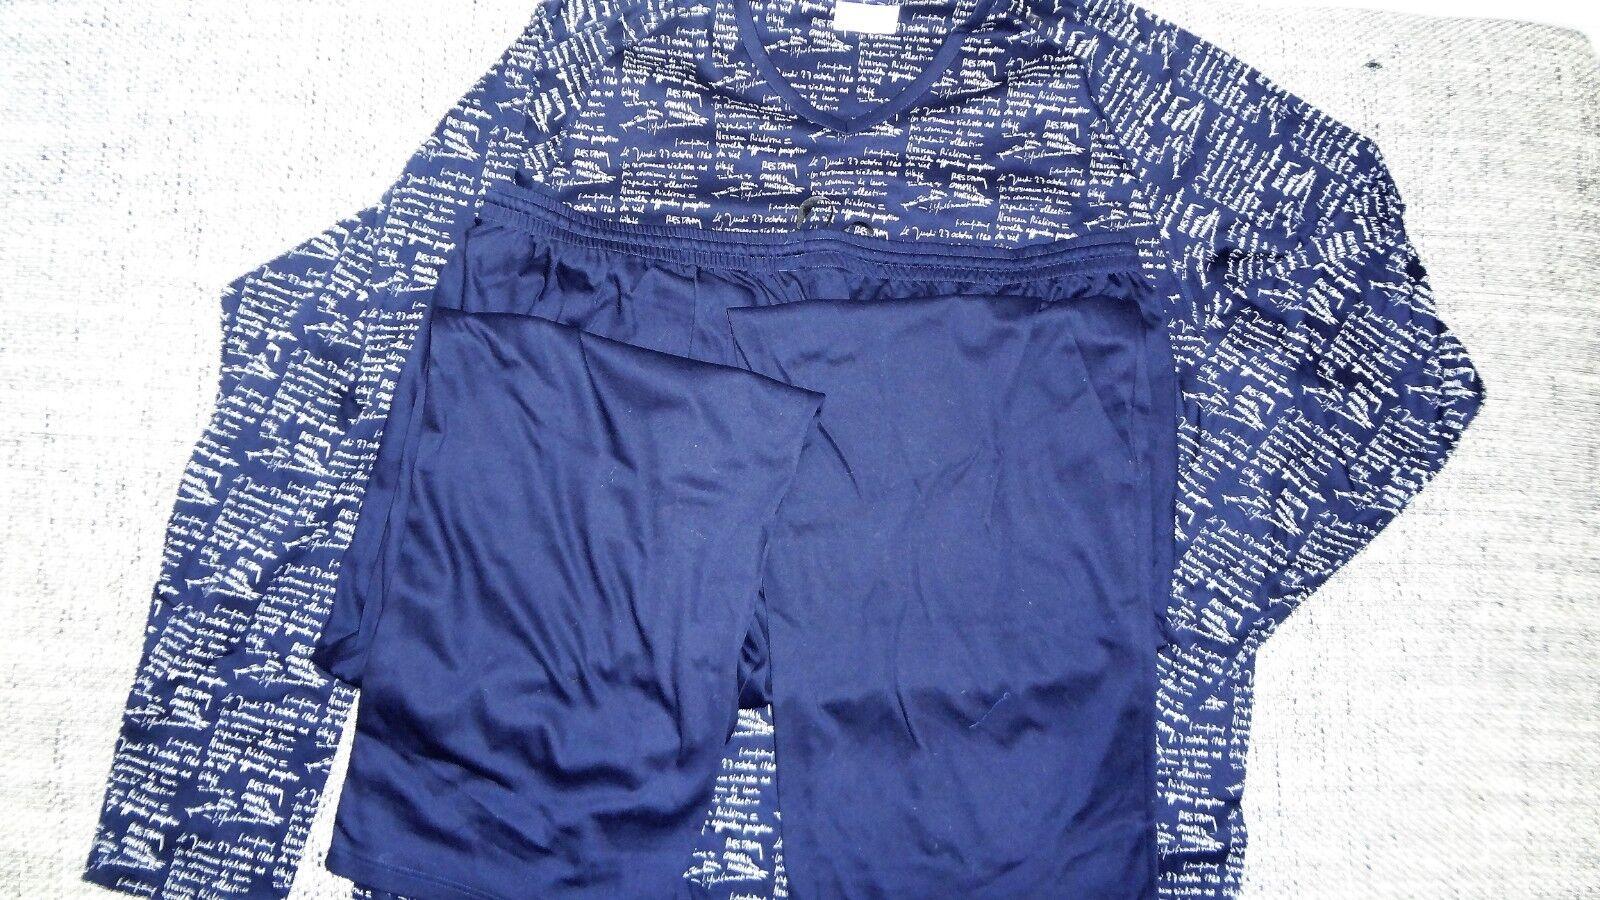 Rösch Herren Schlafanzug Pyjama Gr.62 blau/weiß Zeitung neu